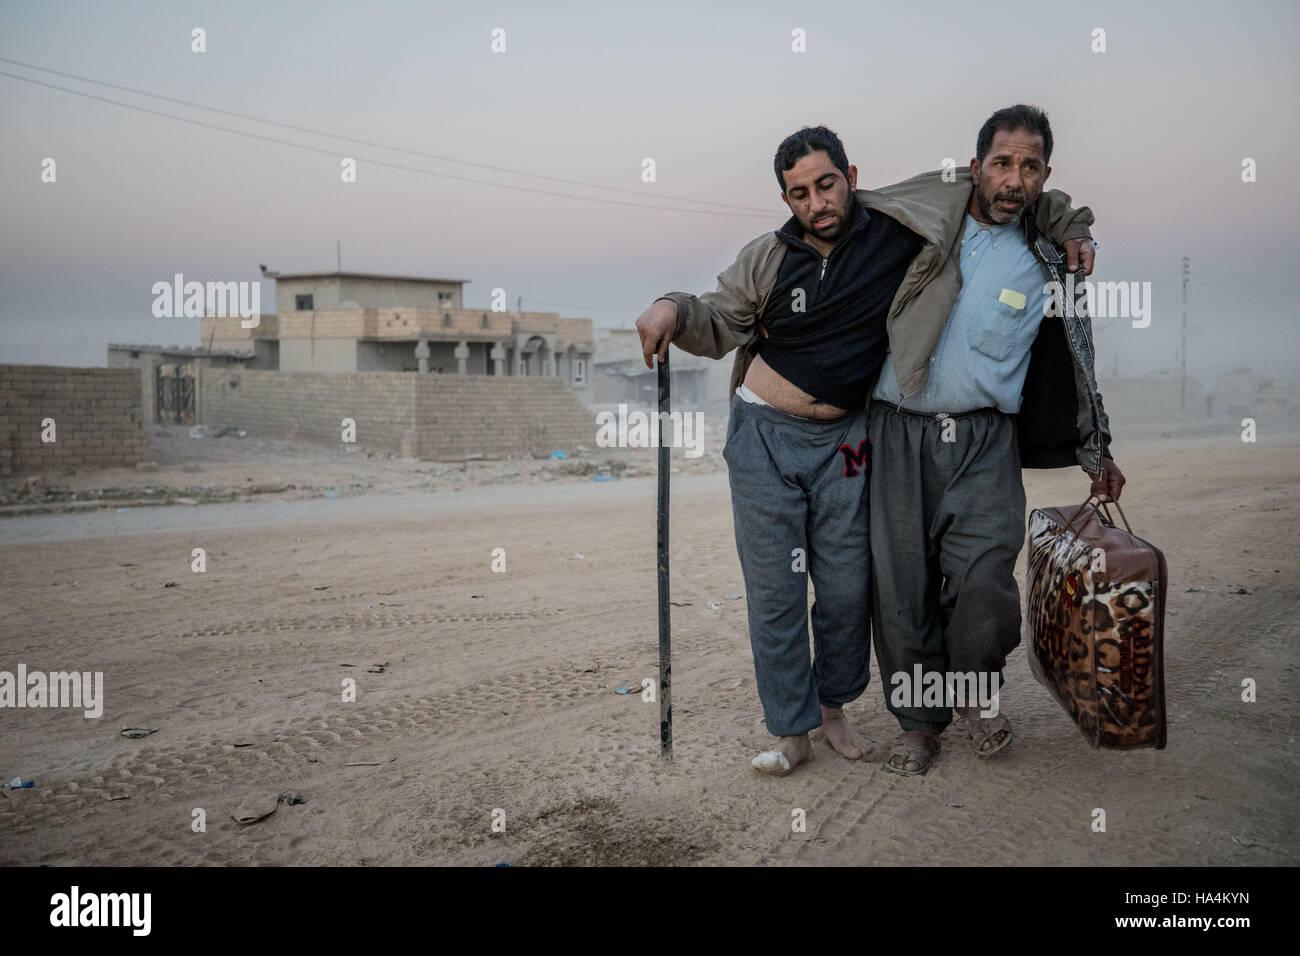 Mosul, Provinz Ninewa, Irak. 26. November 2016. Ein Mann hilft seinen verletzten Freund machen, um das Feldlazarett Stockbild